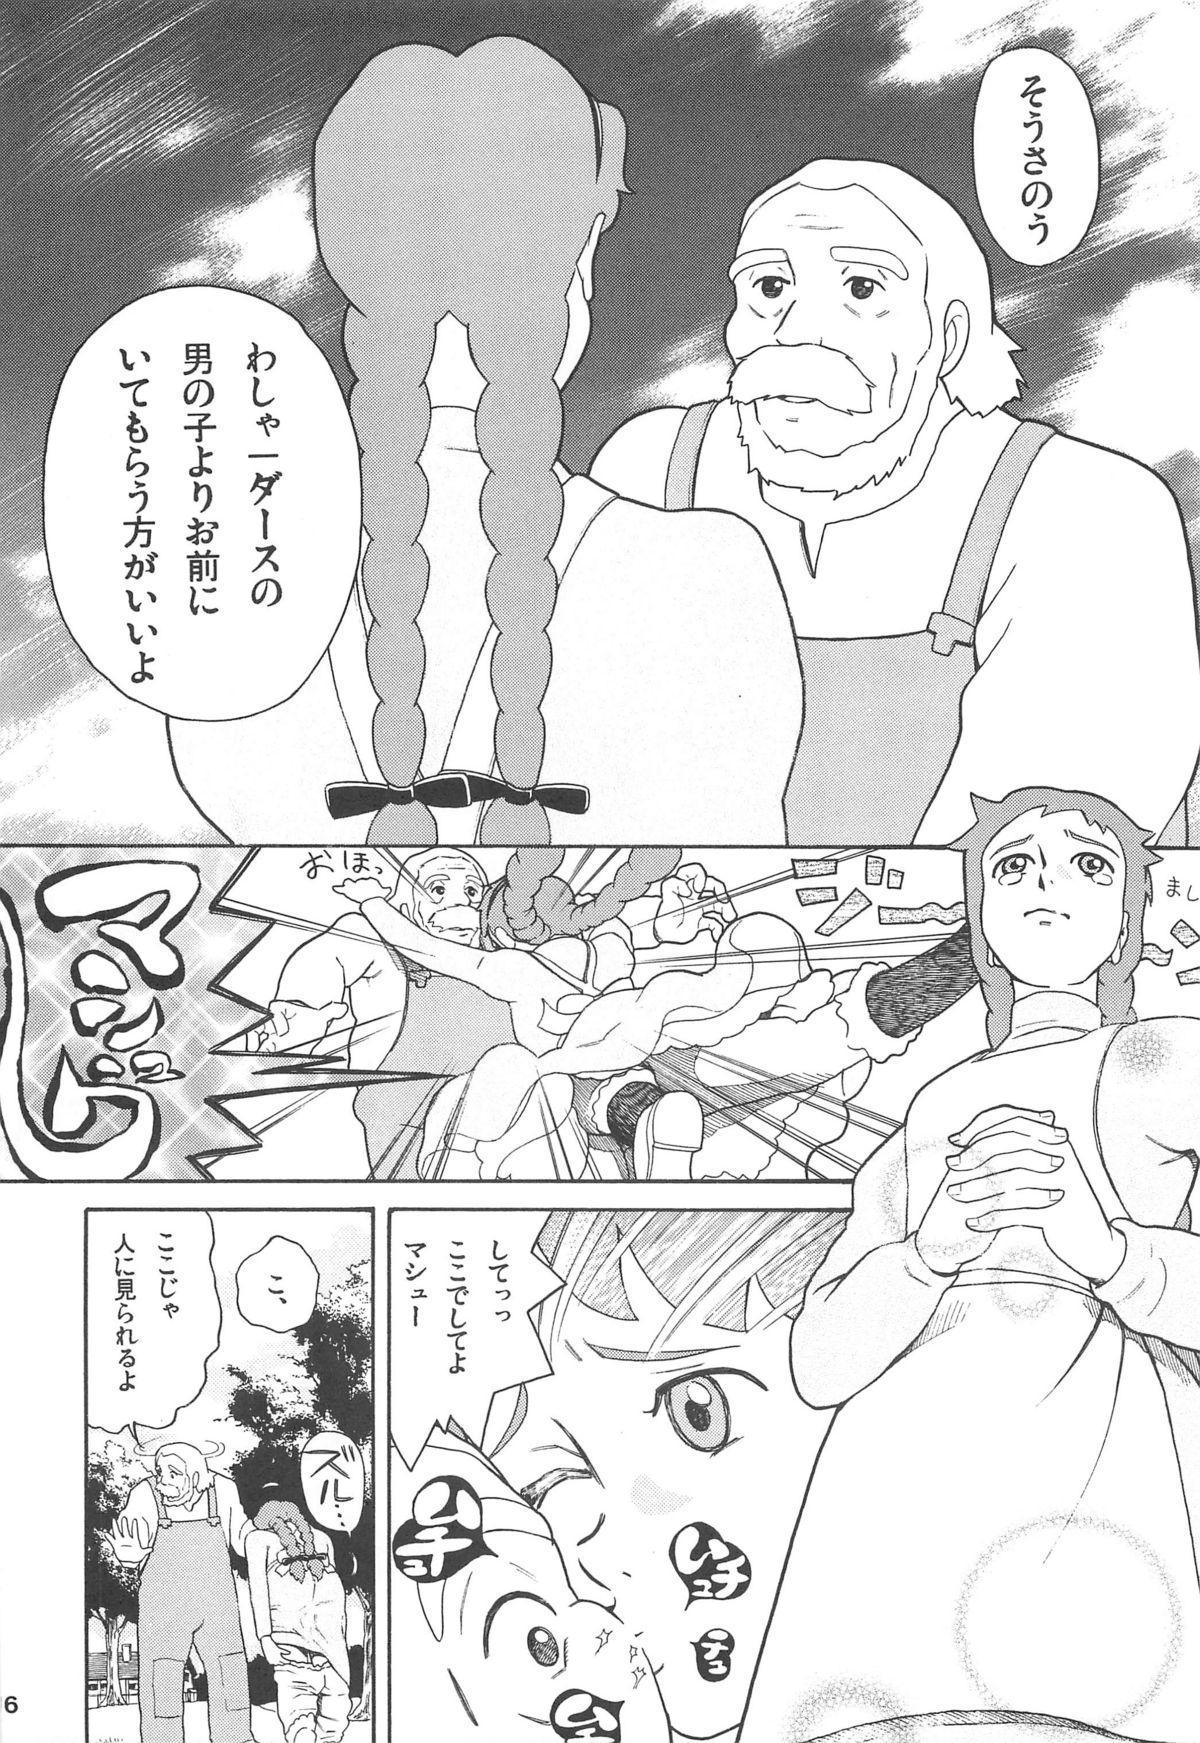 Hatch & Zukki no Sekai Meisaku Gekijou 15